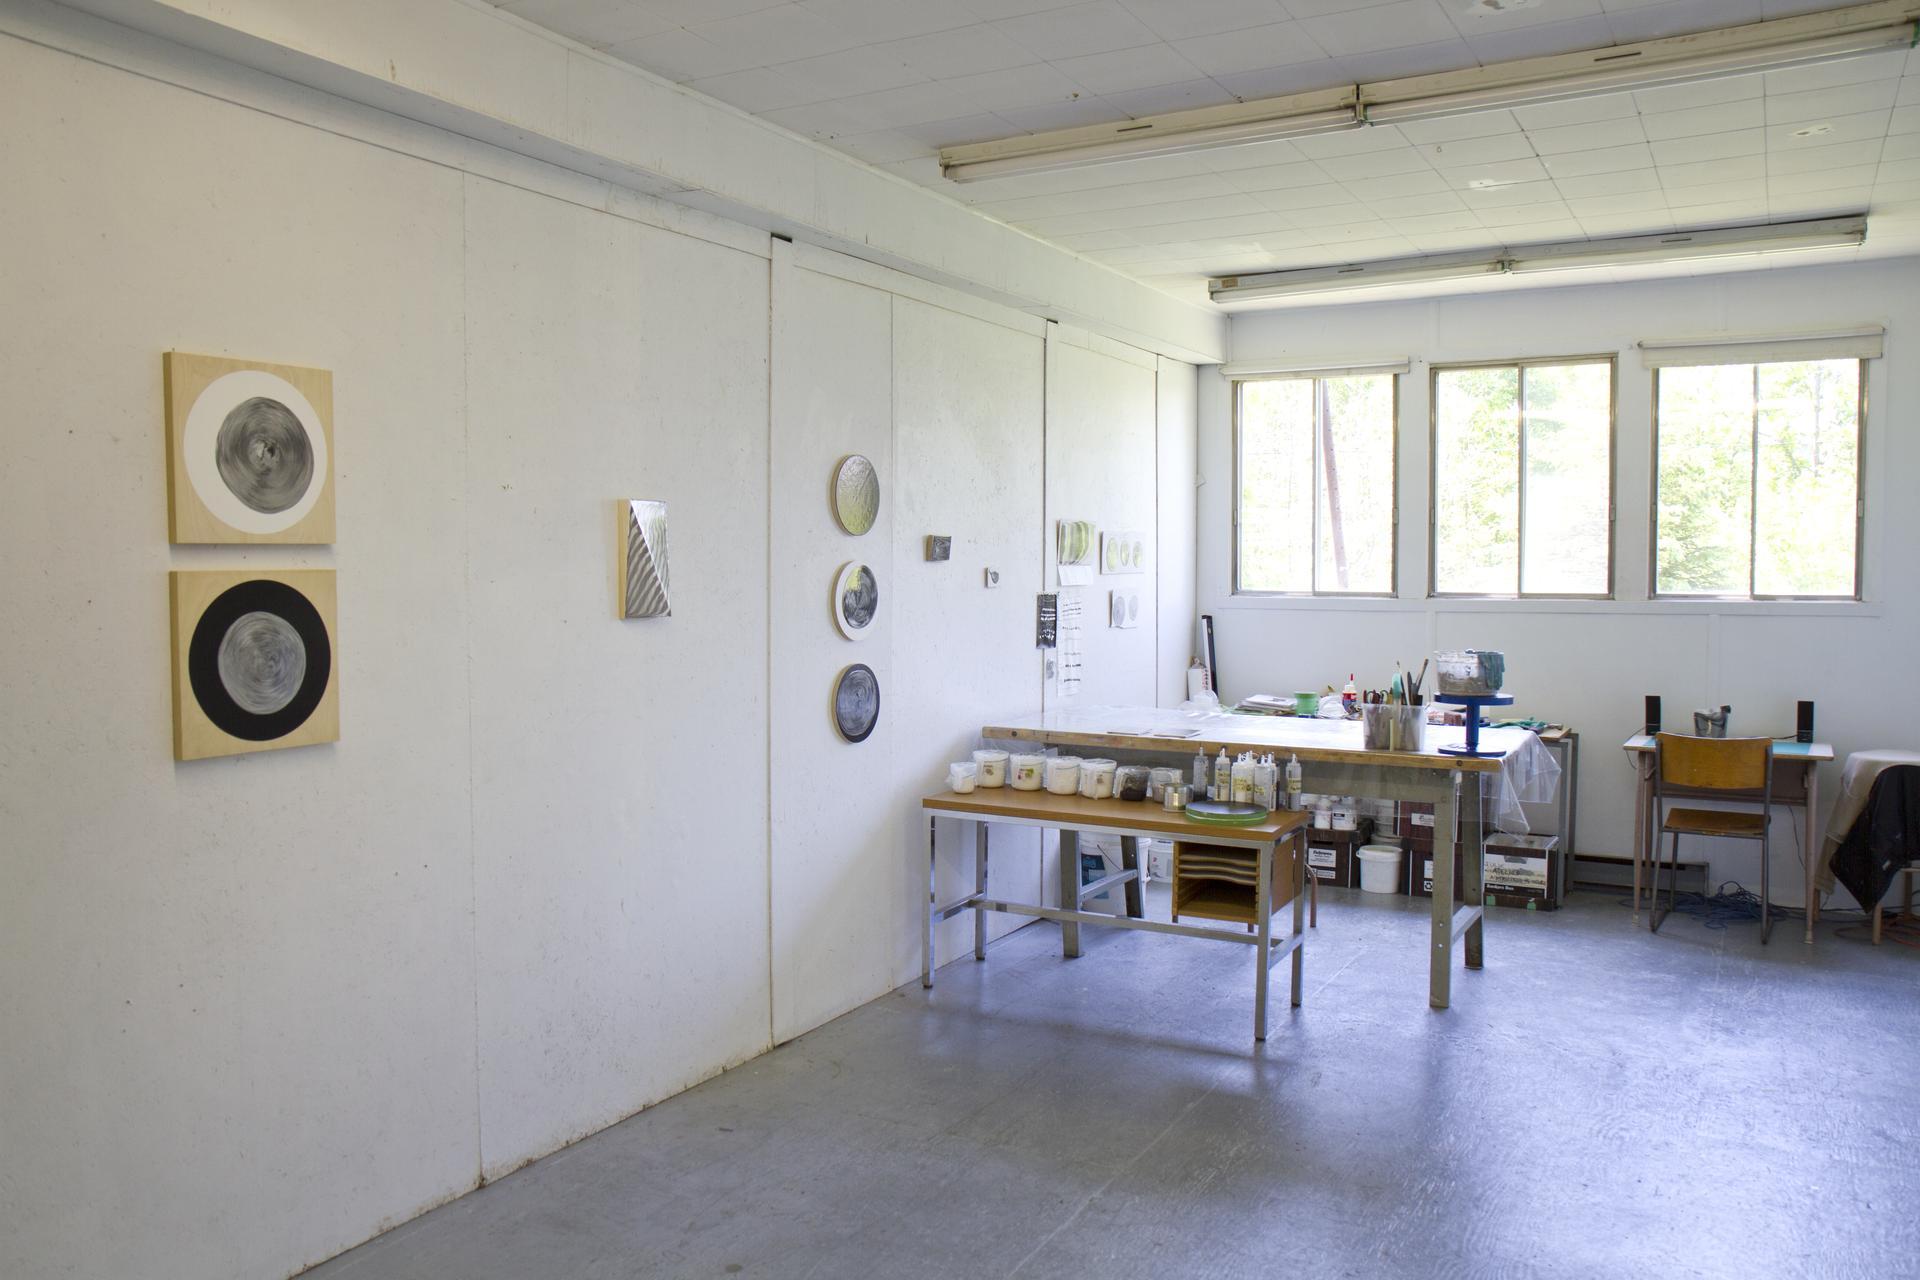 Expérimentations menées en atelier par Julie Trudel en résidence